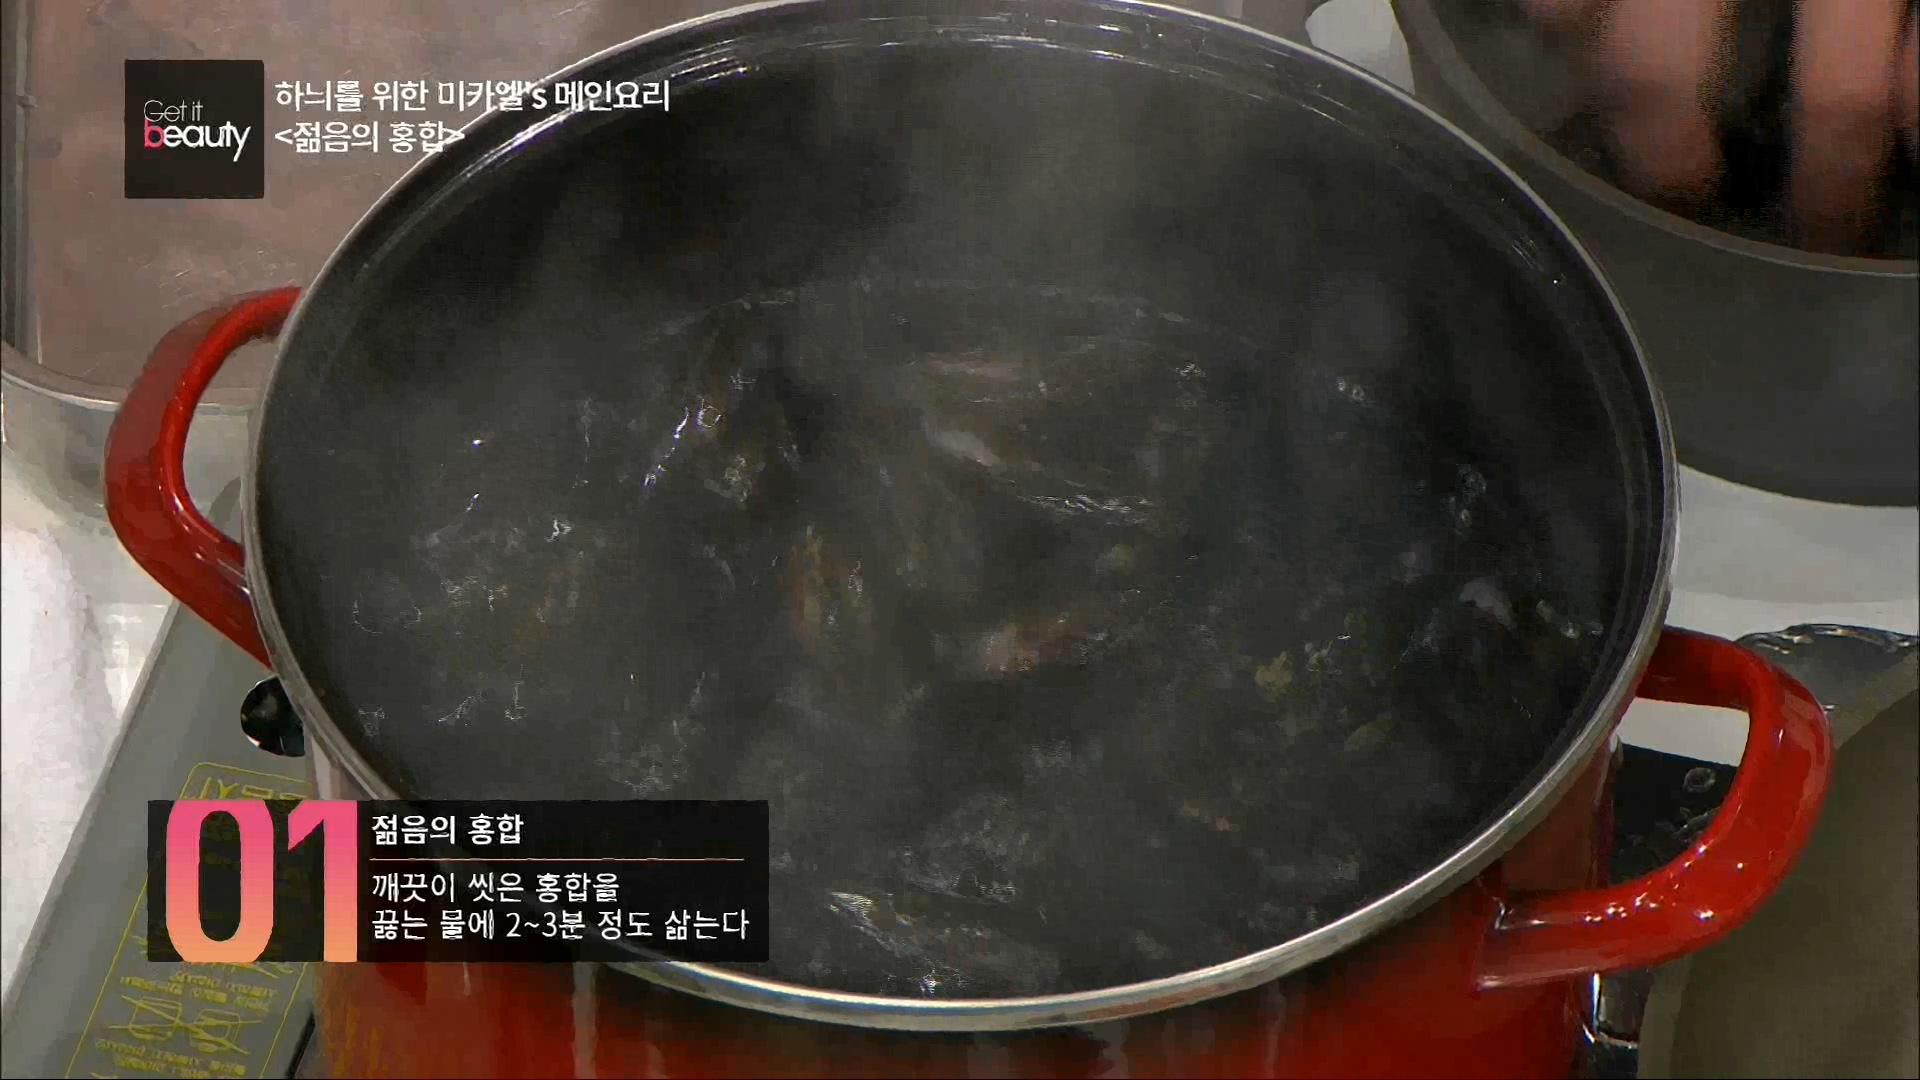 <젊은의 홍합> 01.깨끗이 씻은 홍합을 끓는 물에 2~3분 정도 삶는다.